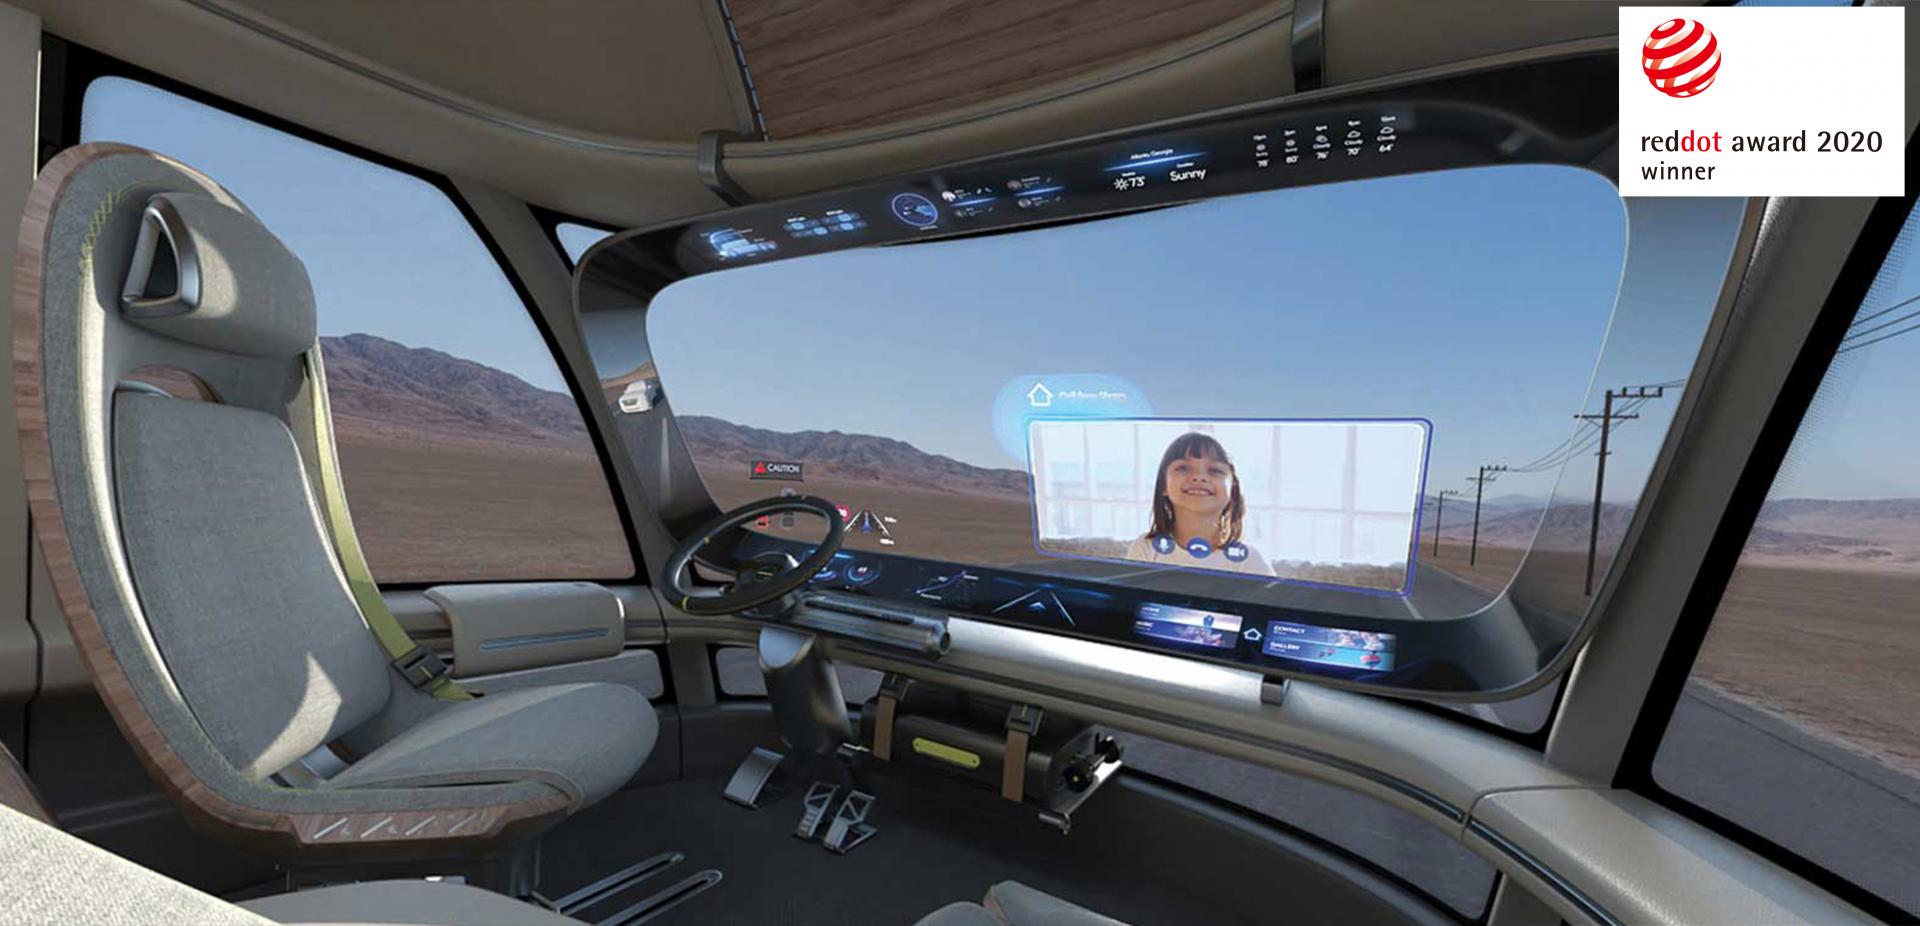 Компанія Hyundai Motor отримала три нагороди Red Dot Award 2020 за концептуальний дизайн | Богдан-Авто Луцьк - фото 12